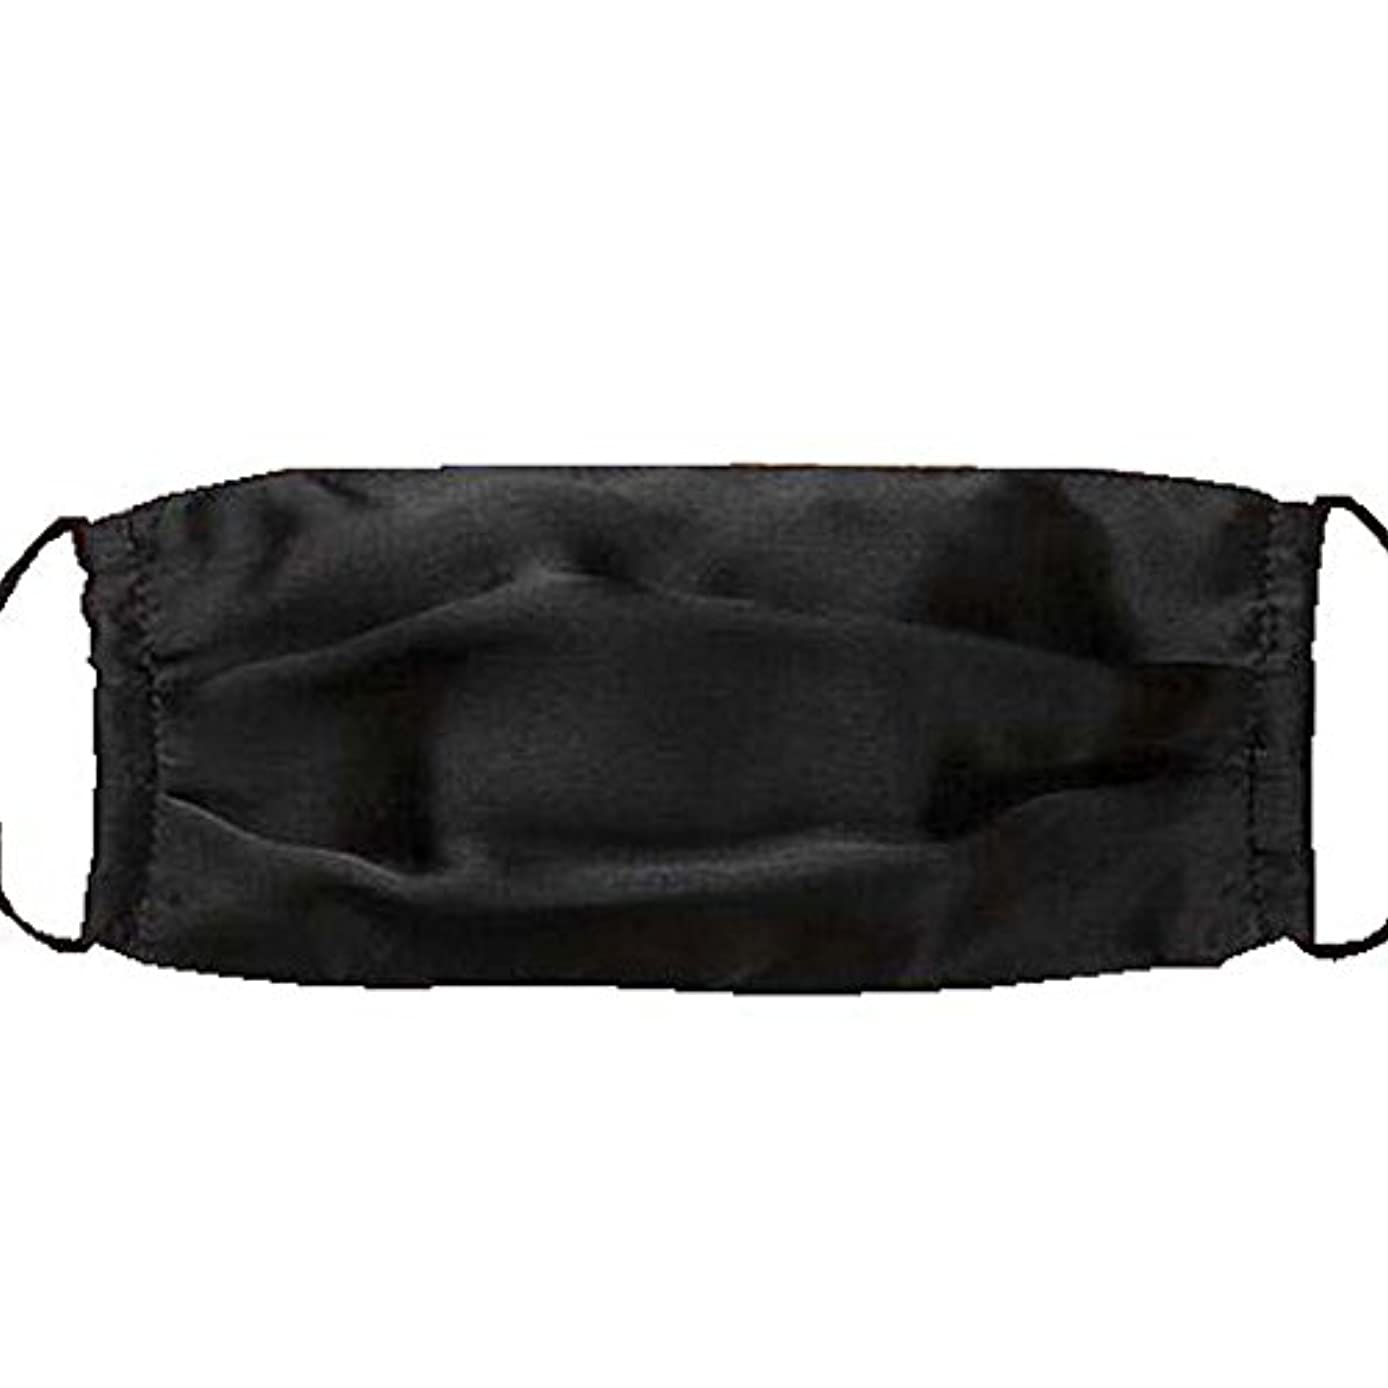 ブースのぞき穴締め切り再使用可能な洗浄可能な活性炭シルクウォームPM 2.5ダストマスクインフルエンザマスク